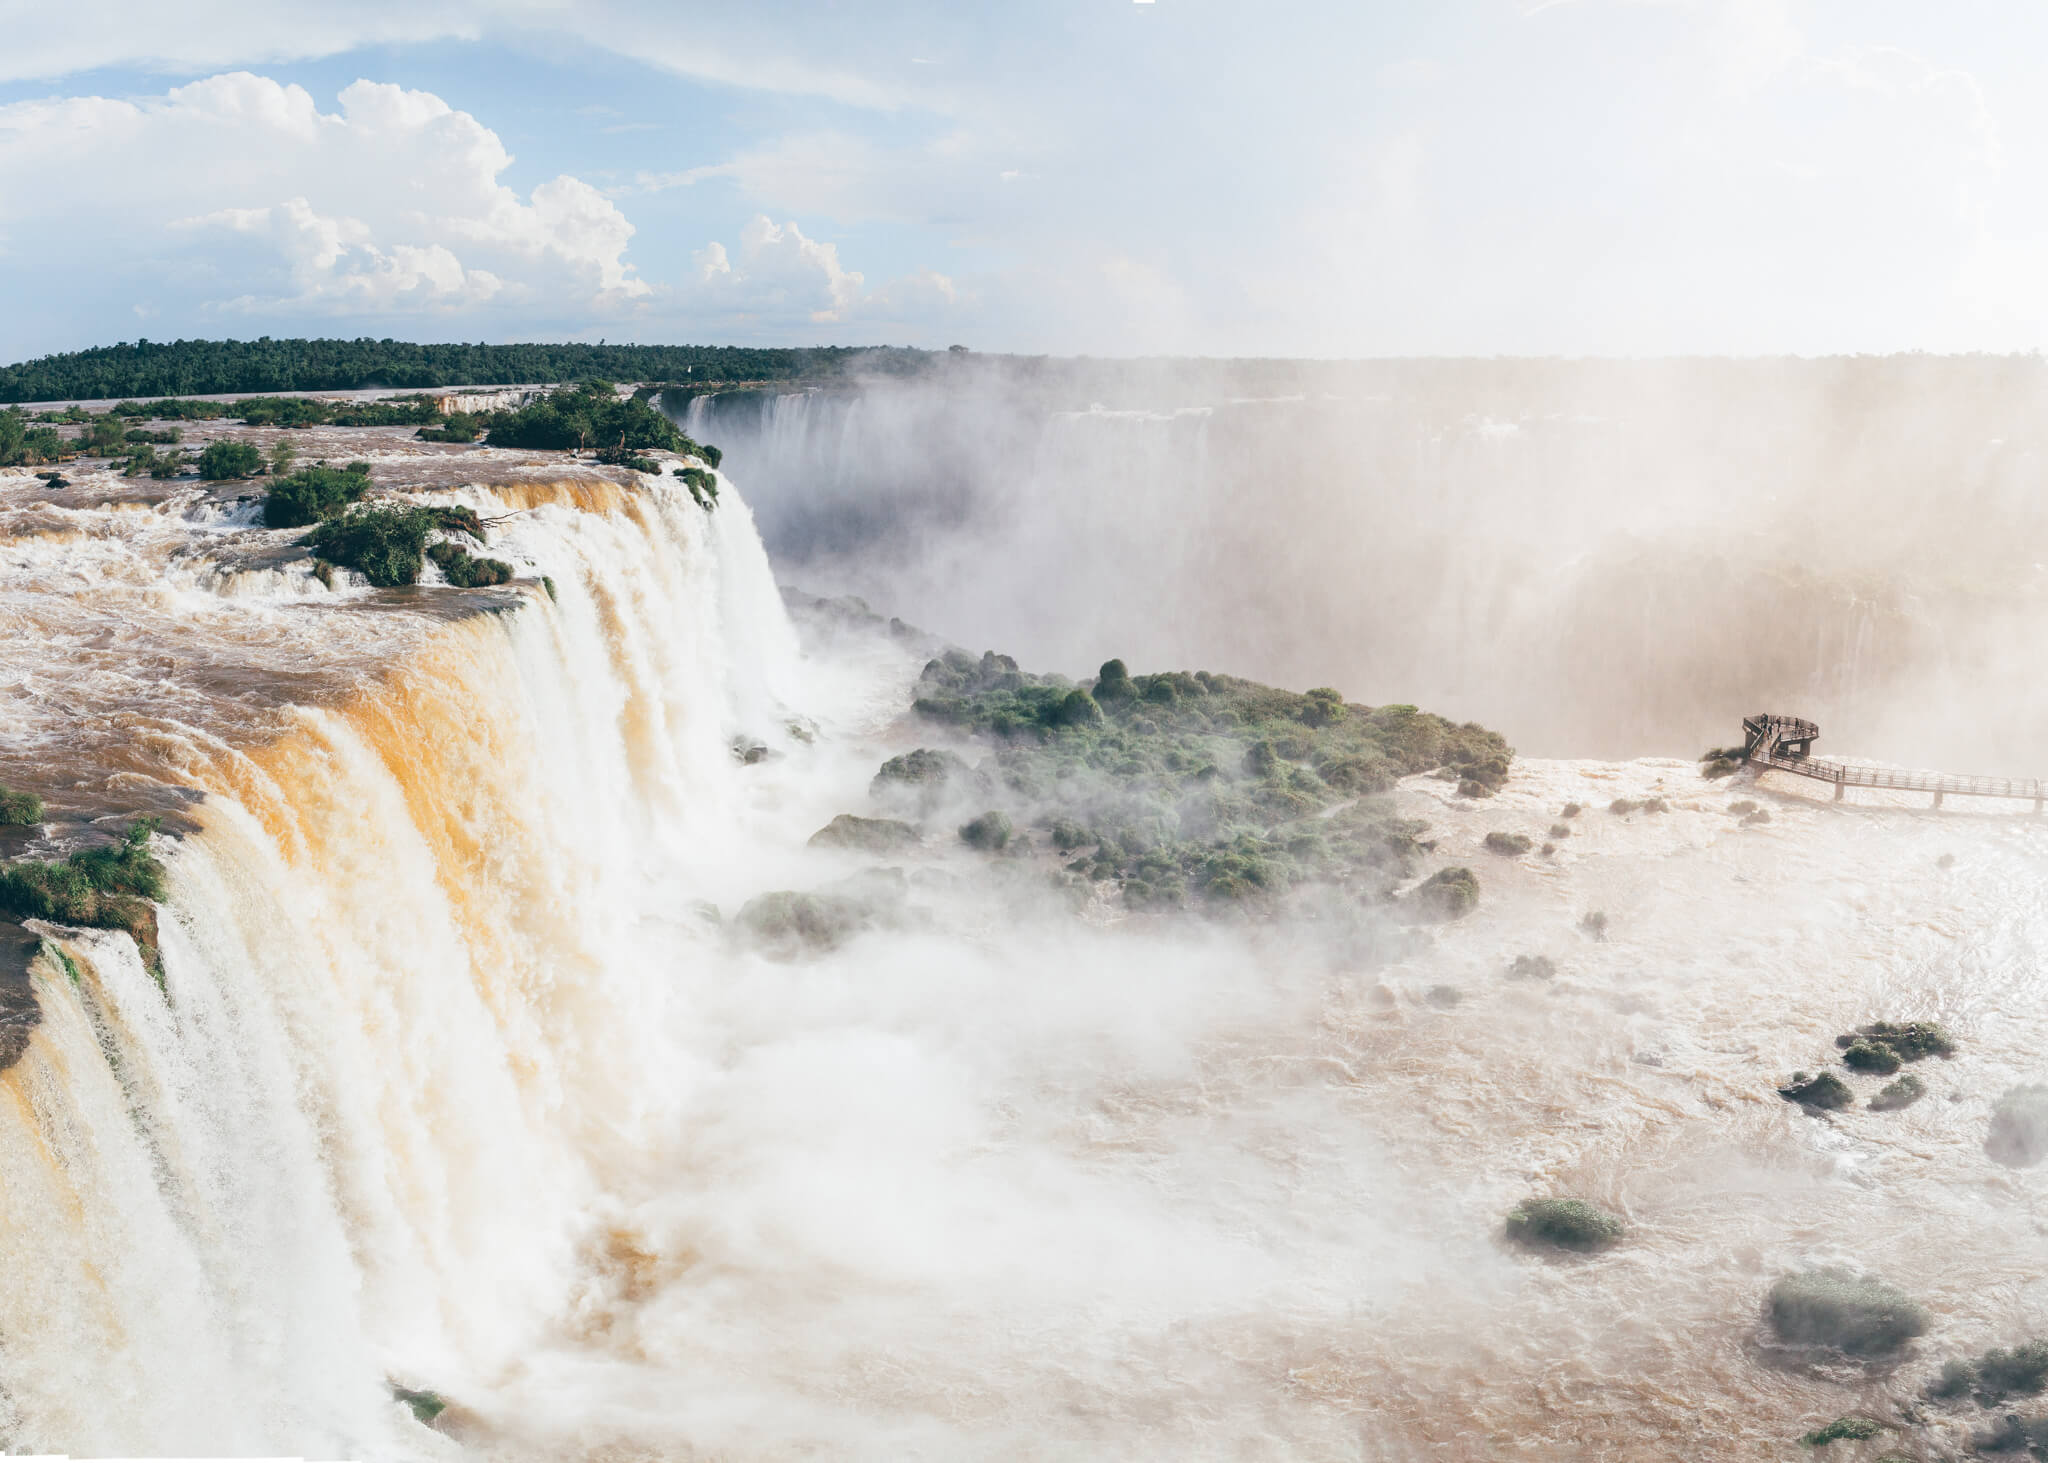 Observe do lado direito da imagem, bem pequeninho, o mirante e a plataforma das Cataratas do Iguaçu